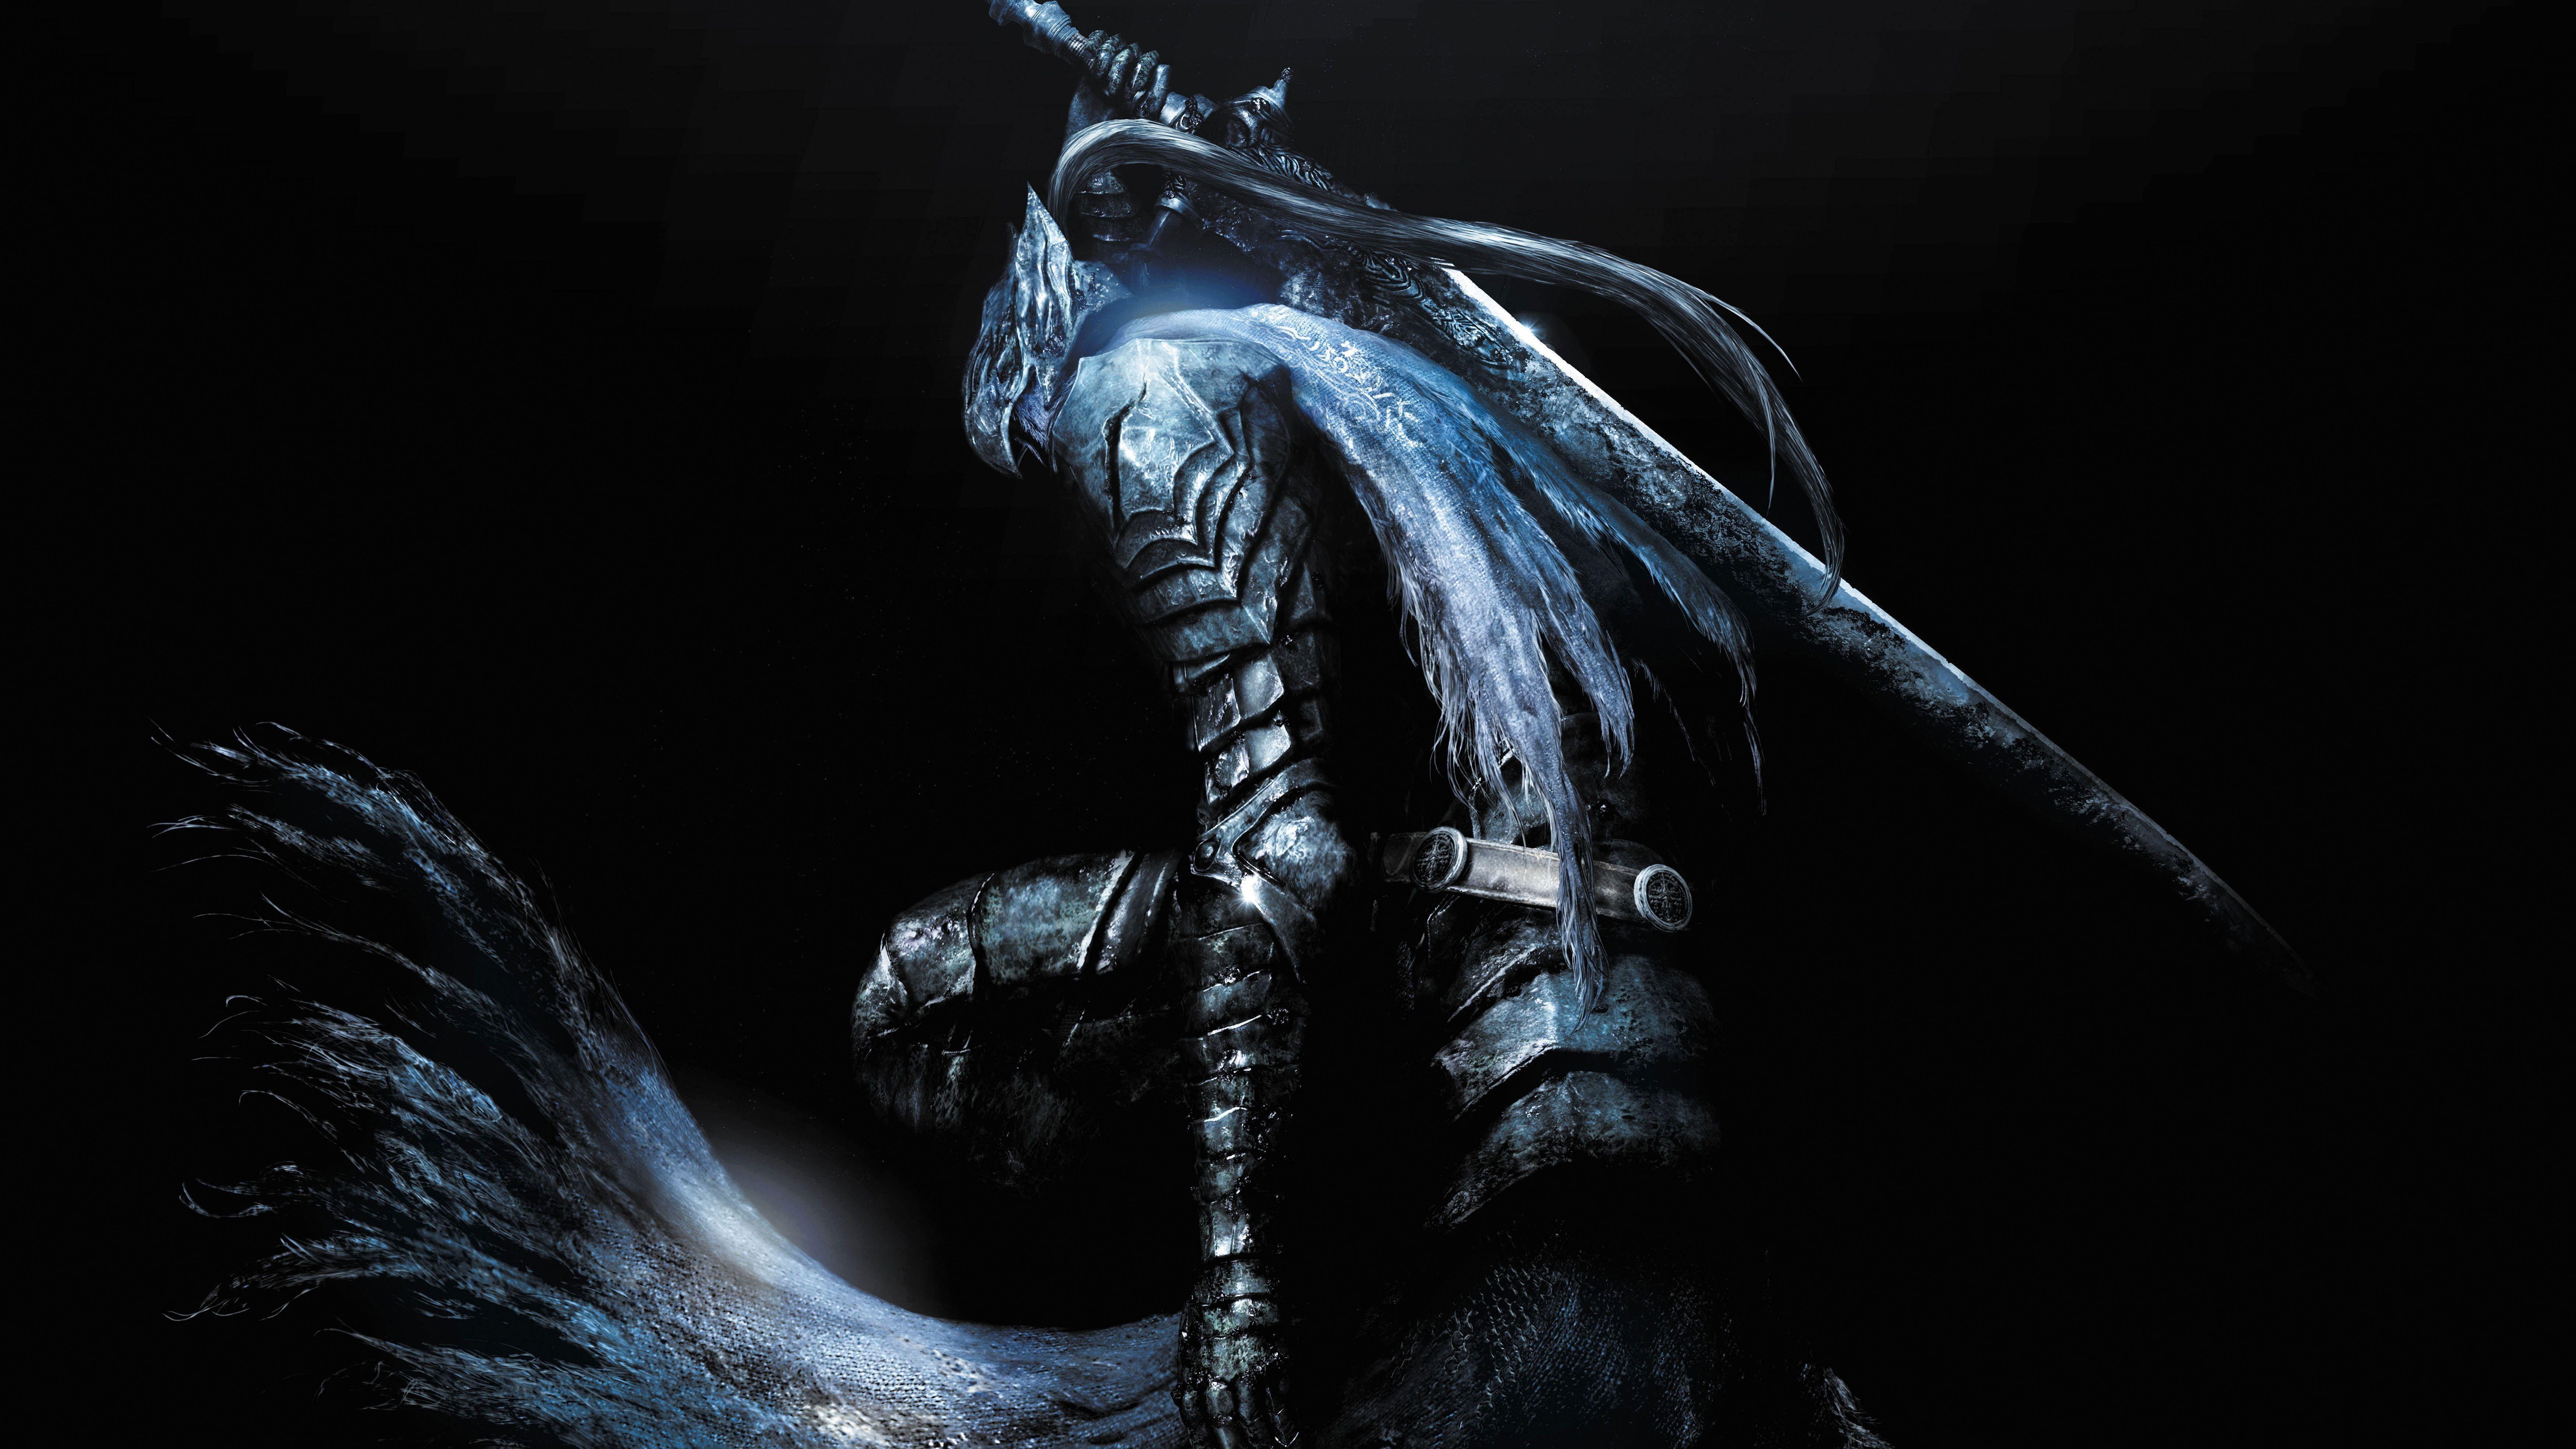 Swordsman Illustration Dark Souls Artorias Fantasy Art Digital Art Video Games 5k Wallpaper Hdwallpaper Desktop En 2020 2560x1440 Wallpaper